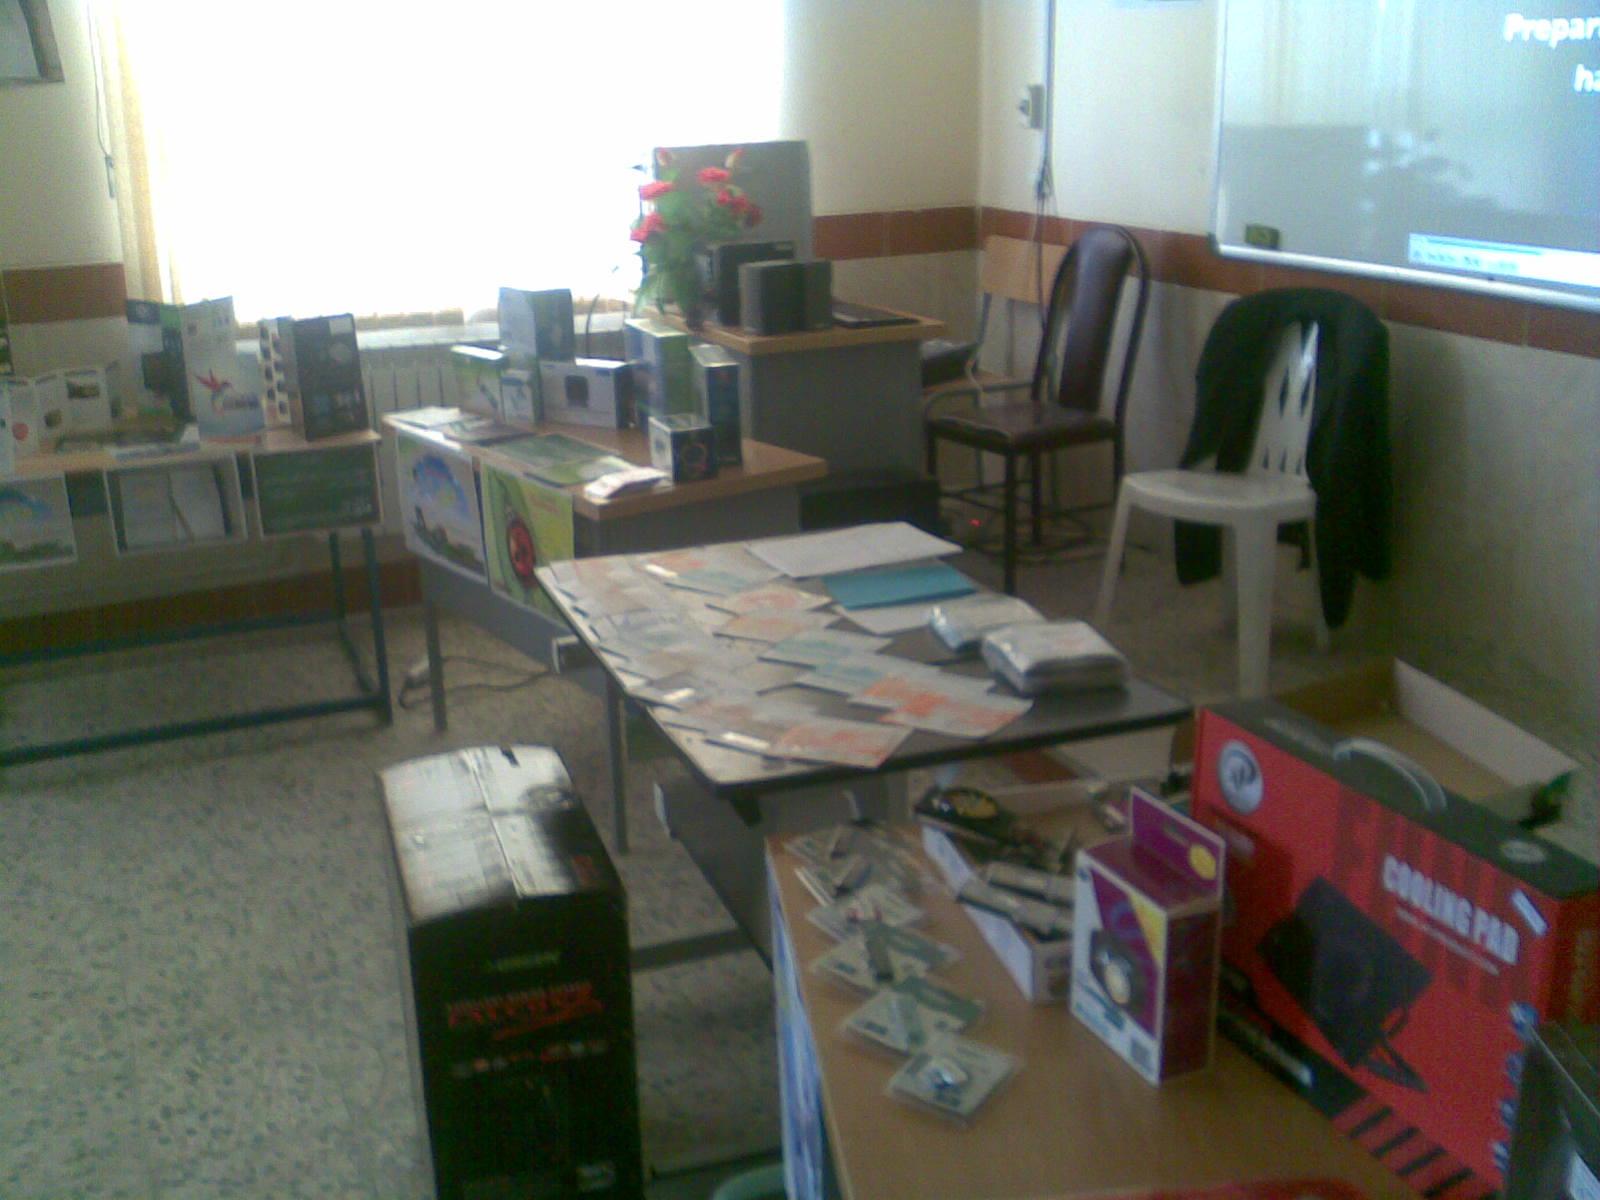 نمایشگاه شرکت کامپیوتر فلورا سیستم گیل به مناسبت هفته معلم در دبیرستان شاهد عظیم صدیقی